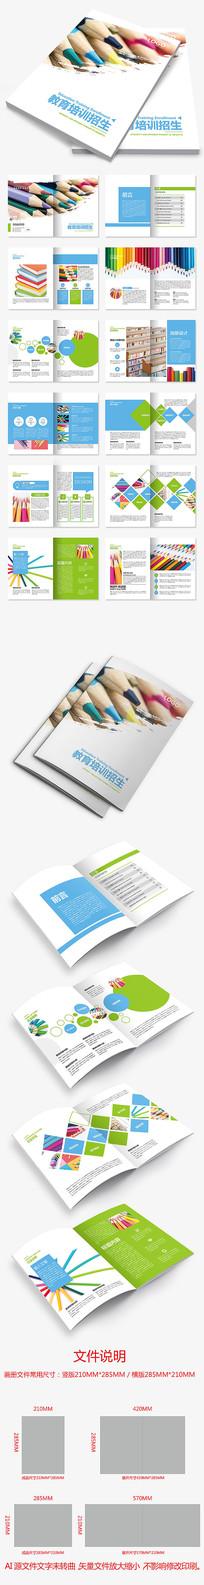 彩色教育培训画册国际学校招生宣传画册